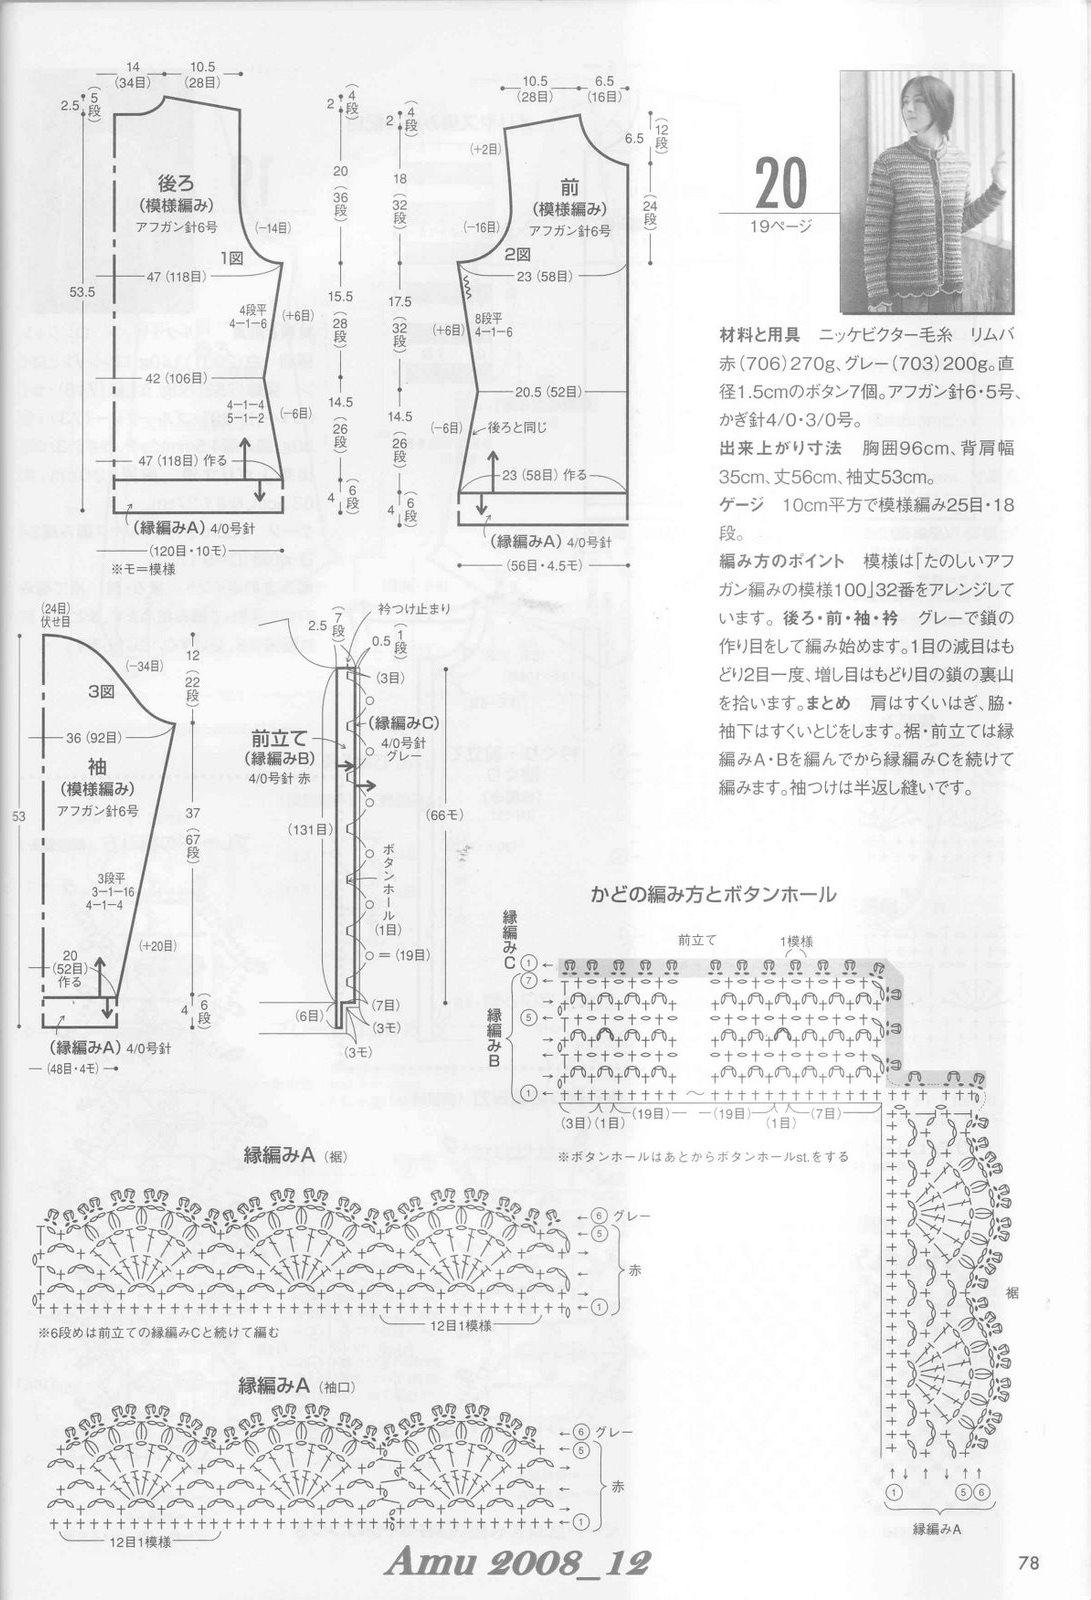 1828_Amu 2008_12_Page_019 (2)